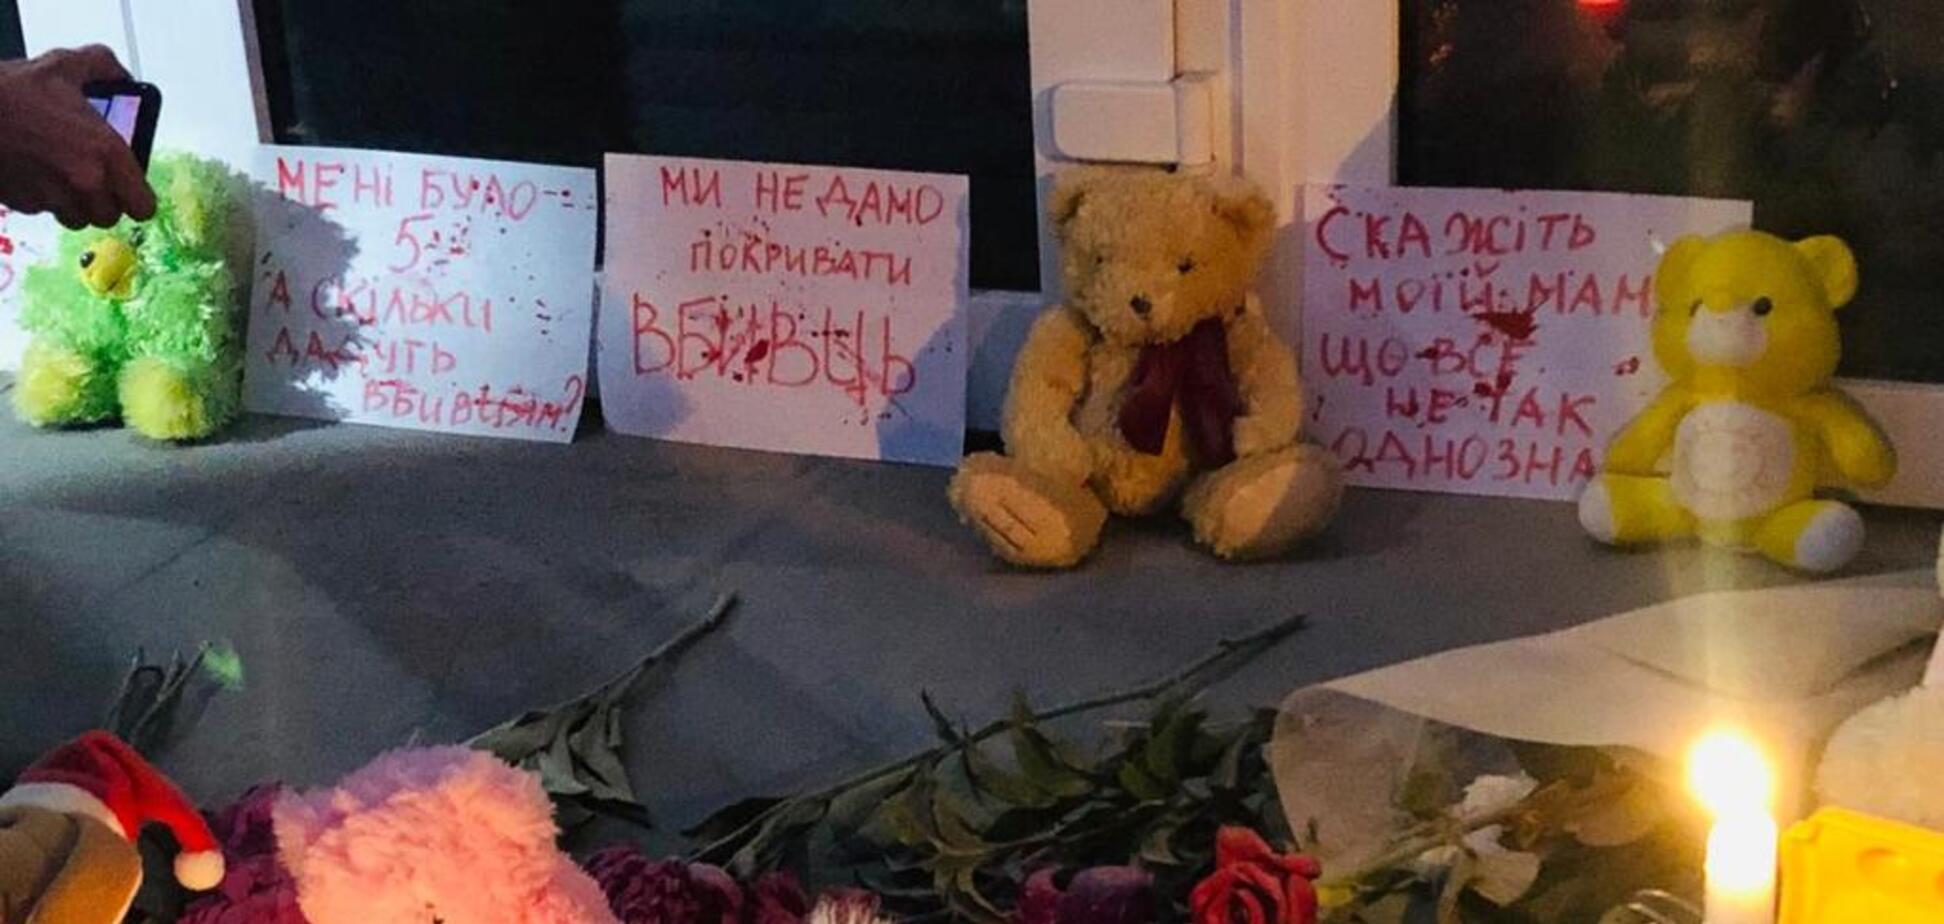 'Это — дно! Тв*ри!' В Киеве вспыхнул новый скандал из-за убитого копами мальчика